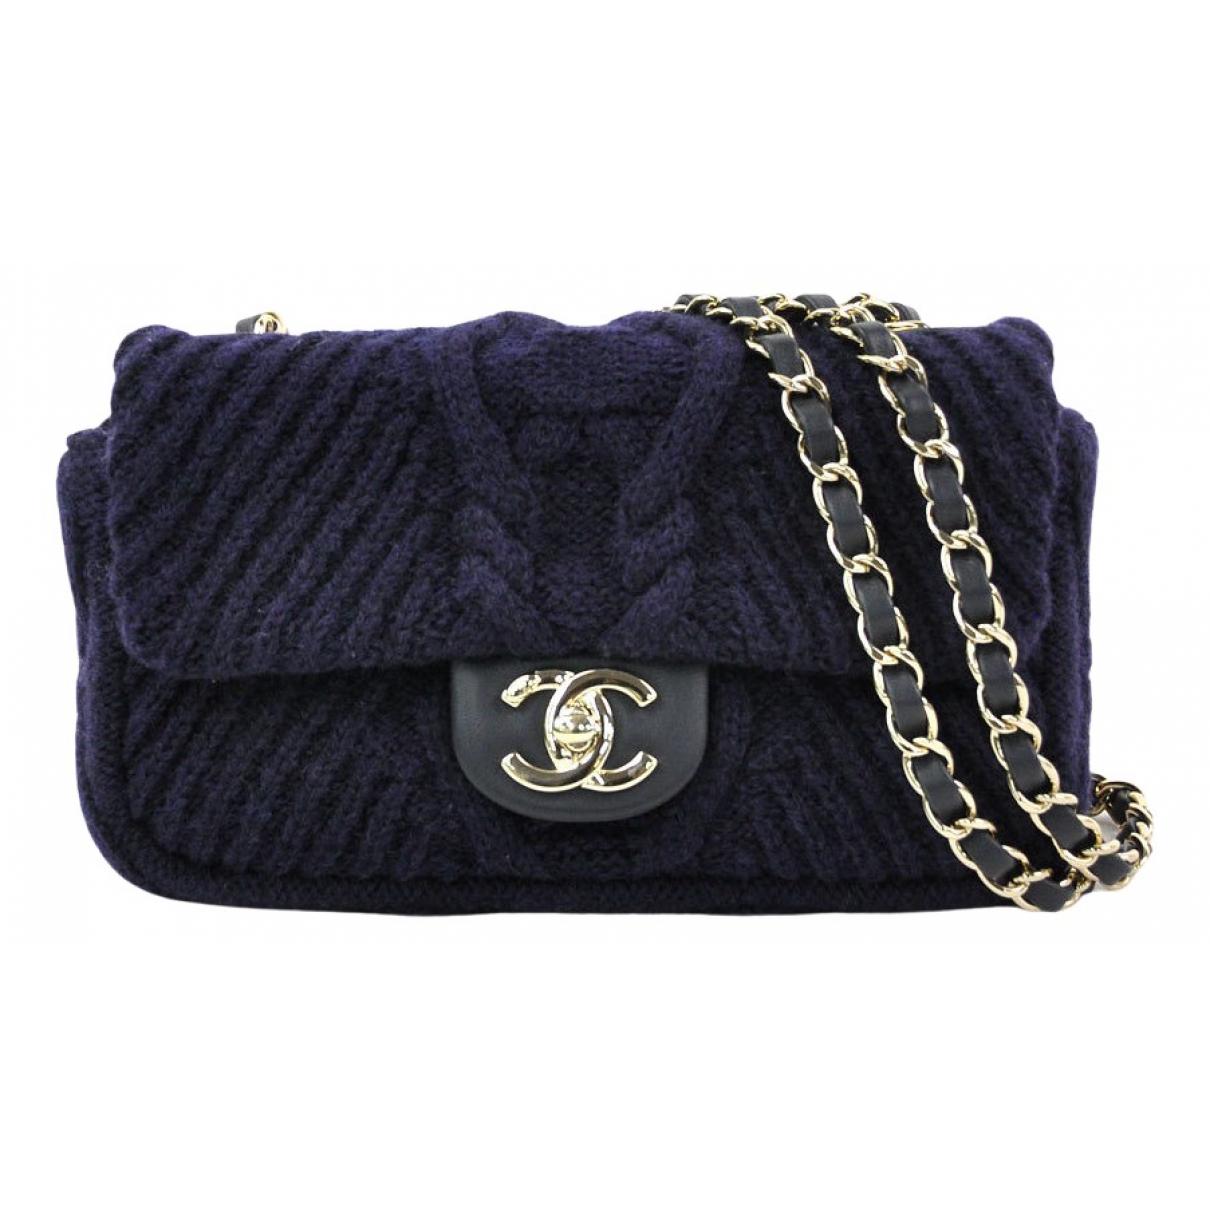 Chanel - Sac a main Timeless/Classique pour femme en laine - bleu